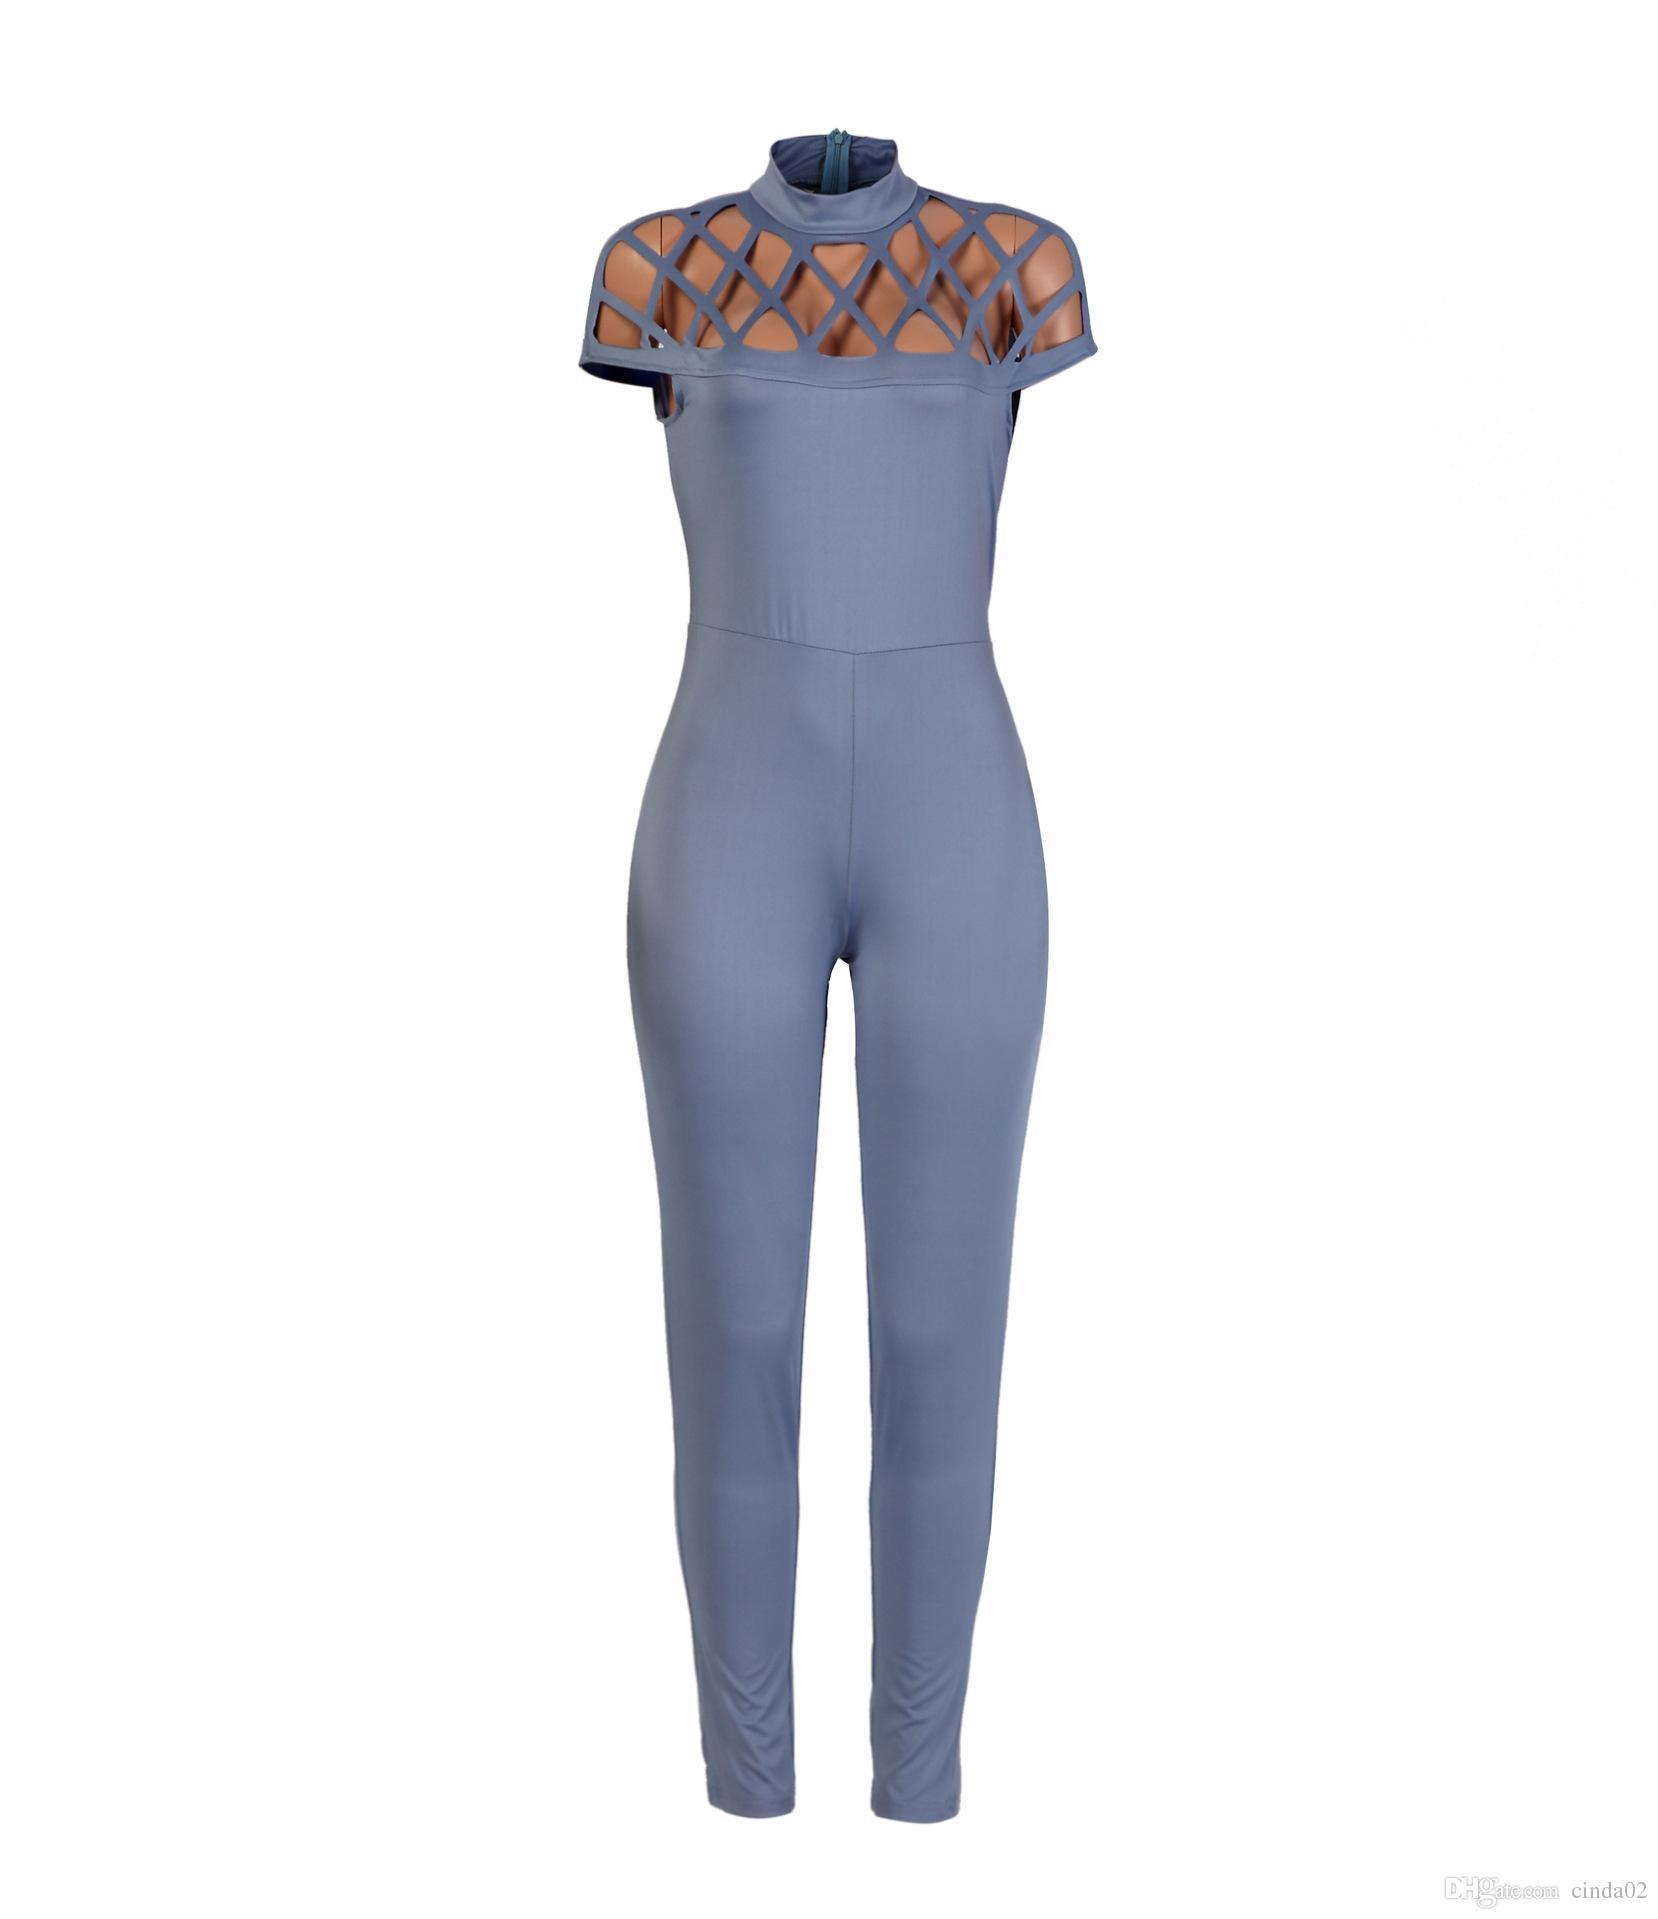 Женская мода Choker с высокой шеей в клетке игровые костюмы 2017 Новые длинные комбинезоны женские комбинезоны летние женские с коротким рукавом боди